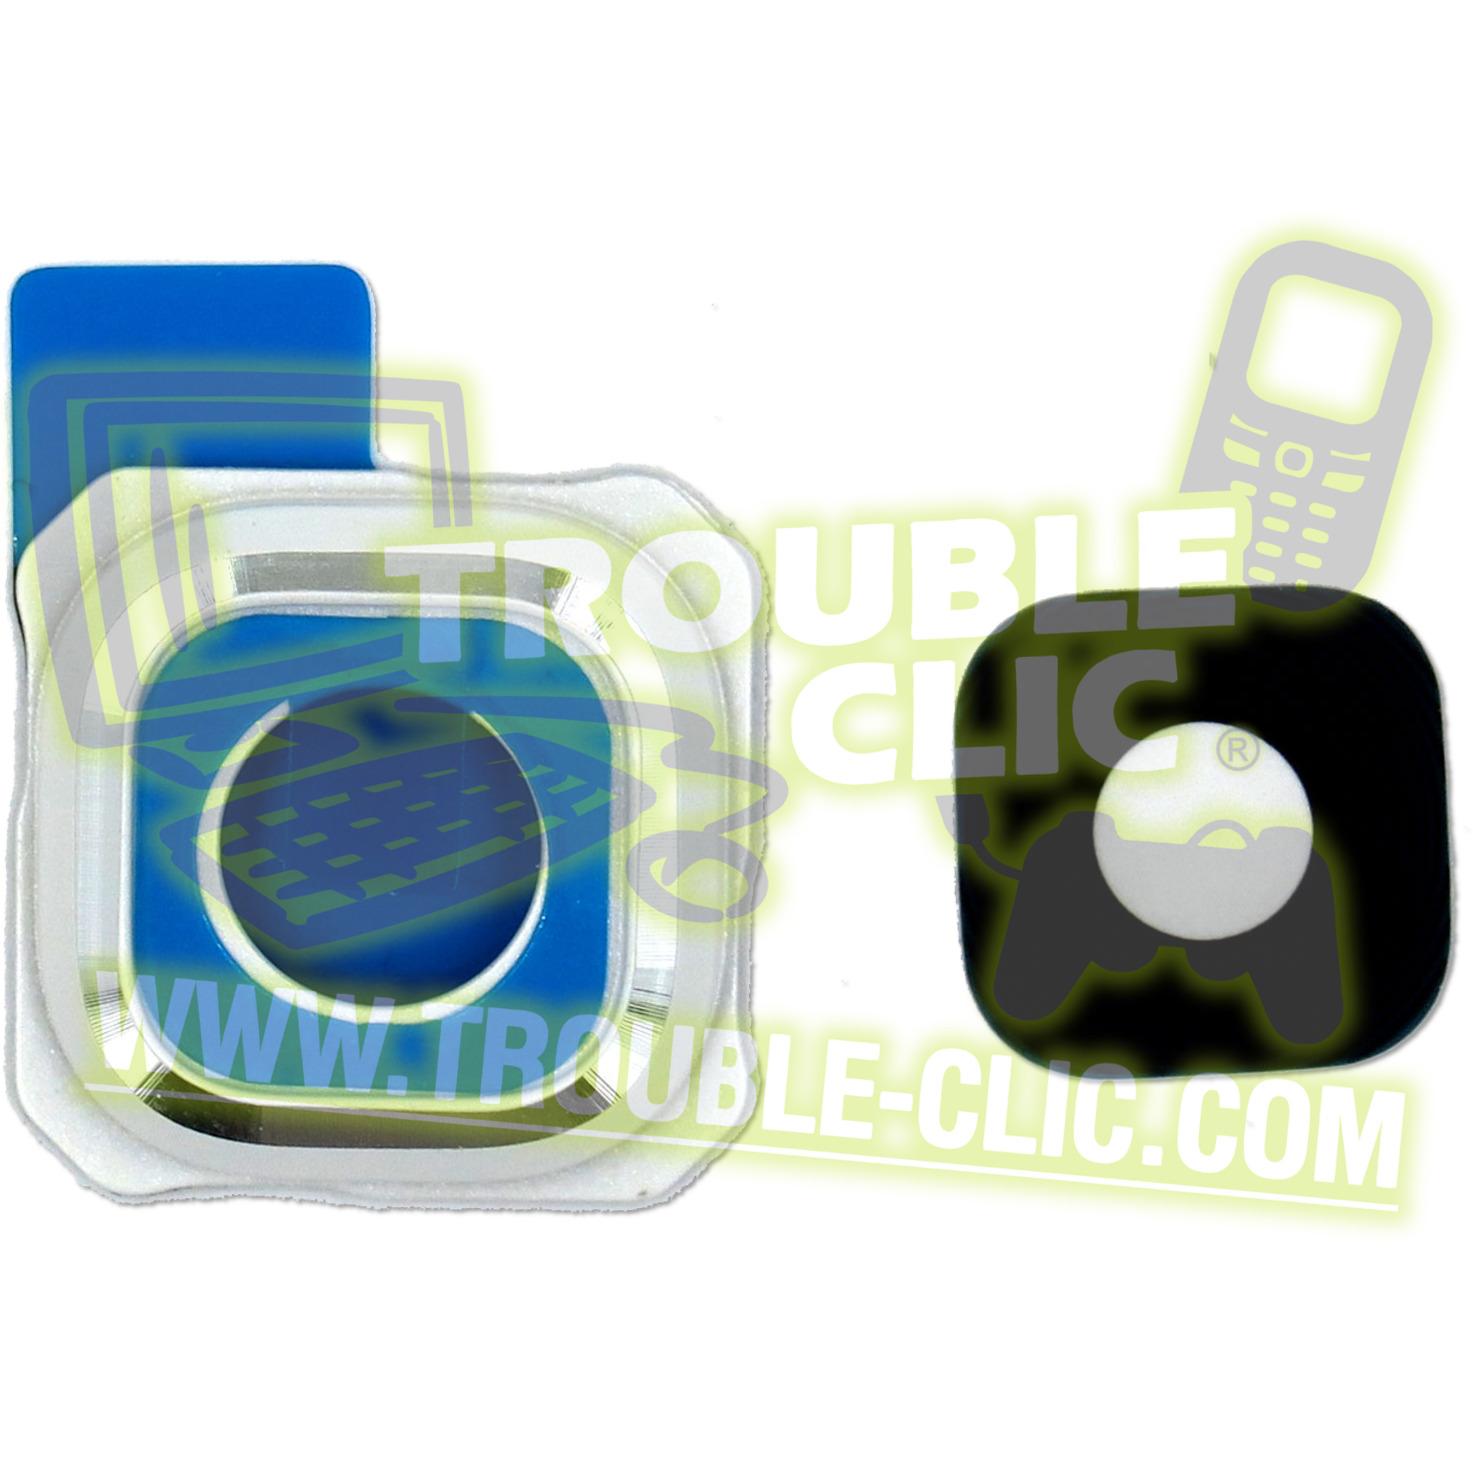 acheter pour r parer lentille vitre en verre blanche de remplacement pour cam ra samsung galaxy. Black Bedroom Furniture Sets. Home Design Ideas